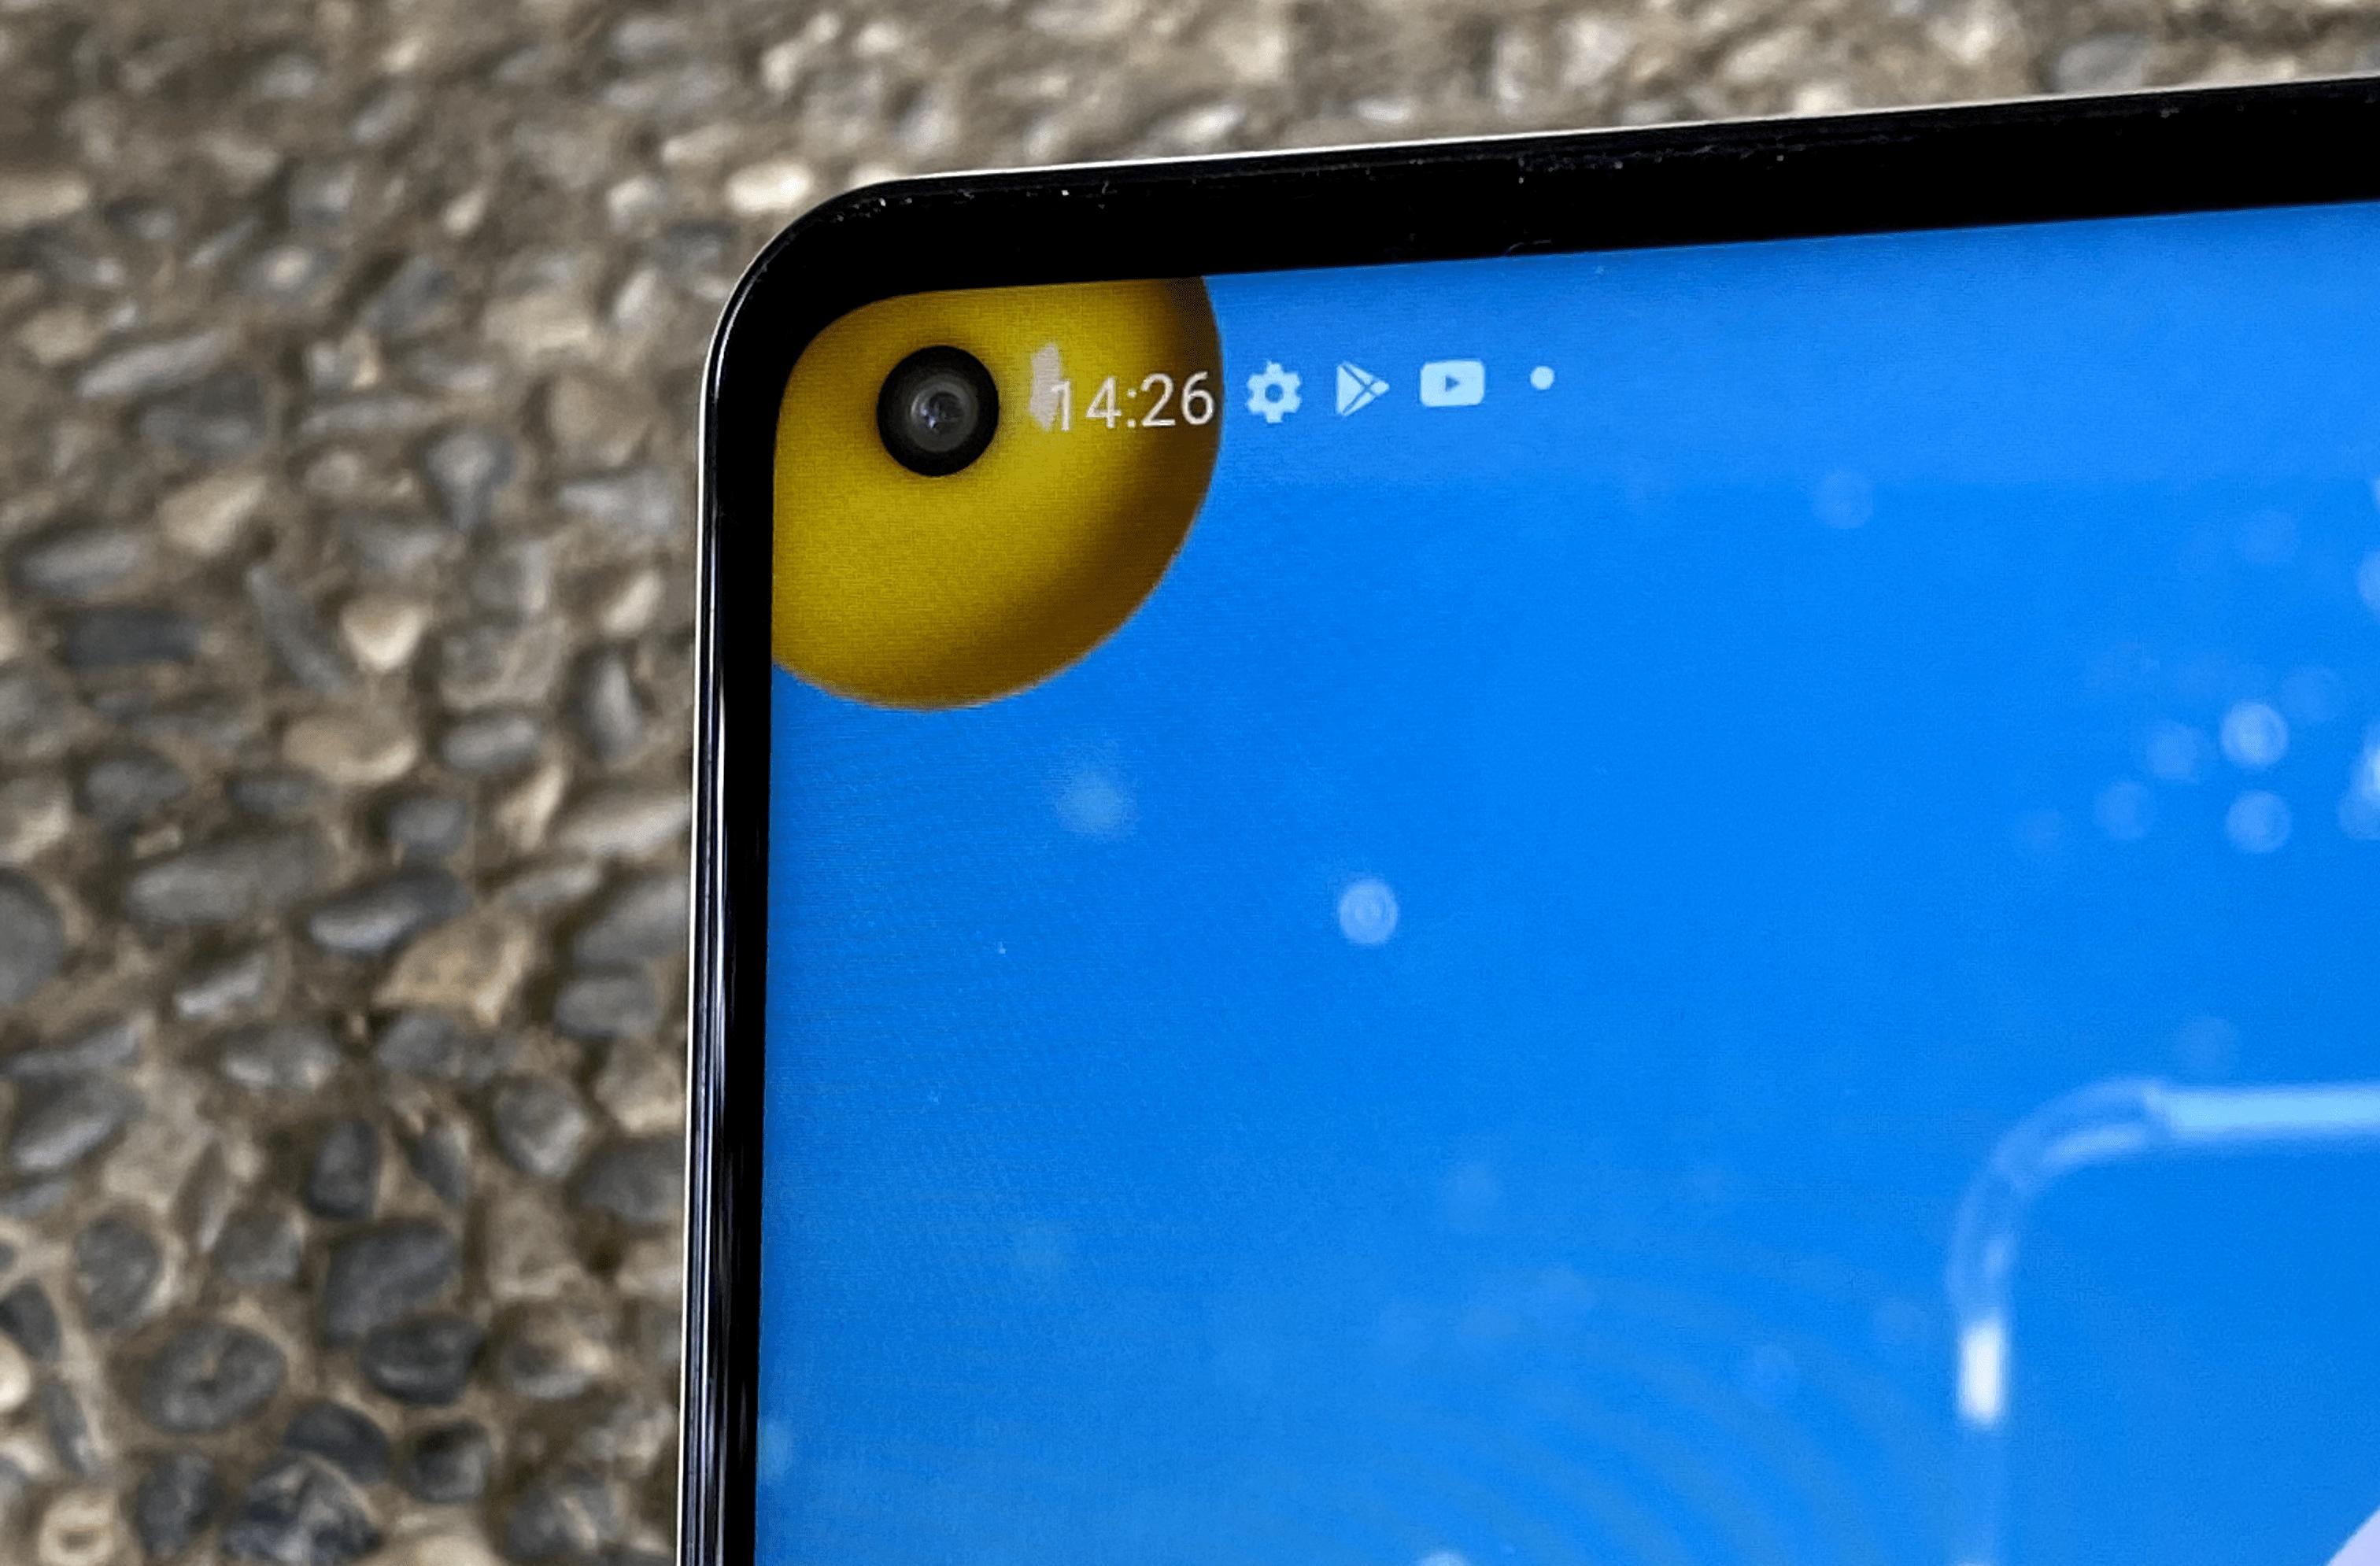 Infinity-O 極限設計 自拍鏡頭在螢幕左上角挖孔設計